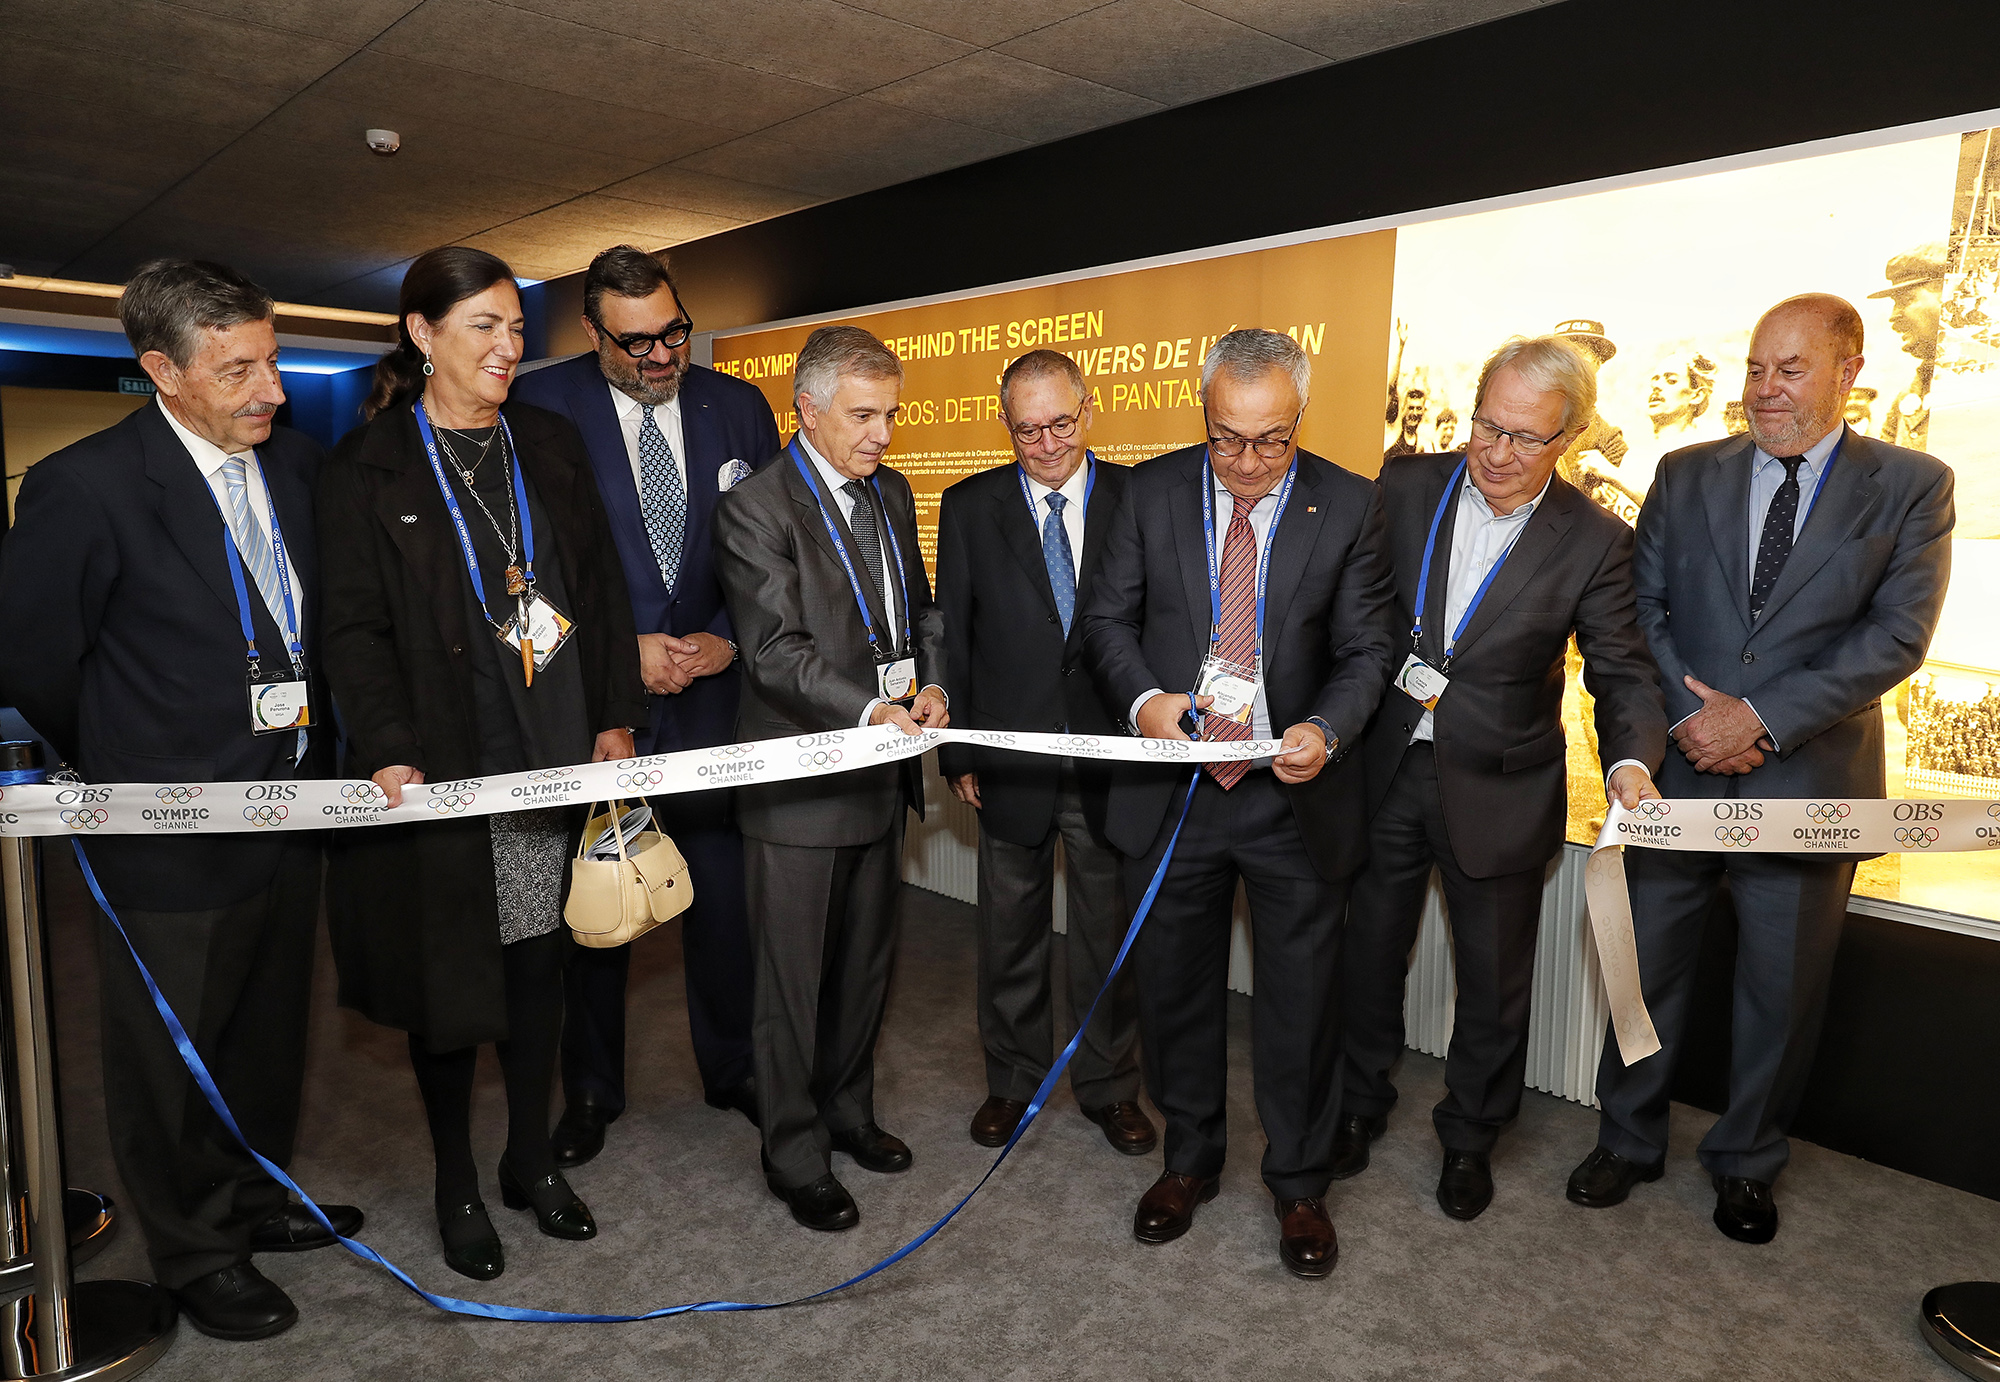 Inauguración de la exposición. Fuente: COE